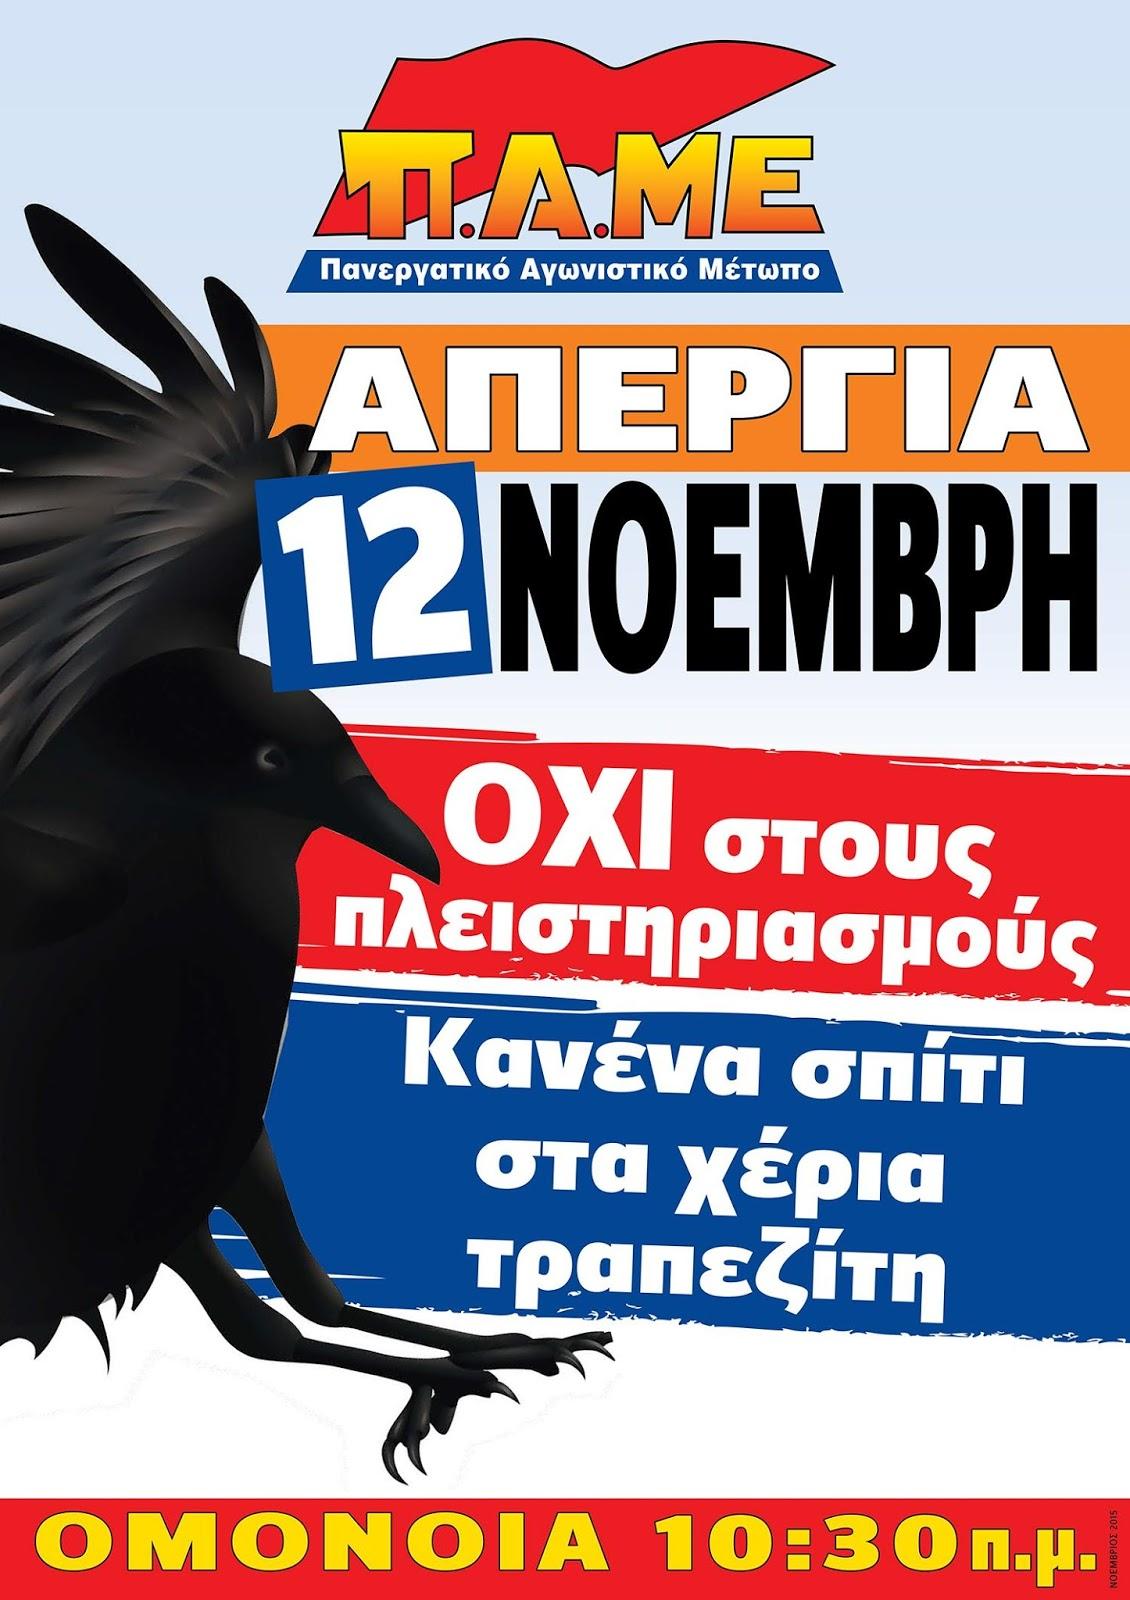 ΑΠΕΡΓΙΑ ΣΤΙΣ 12 ΝΟΕΜΒΡΗ